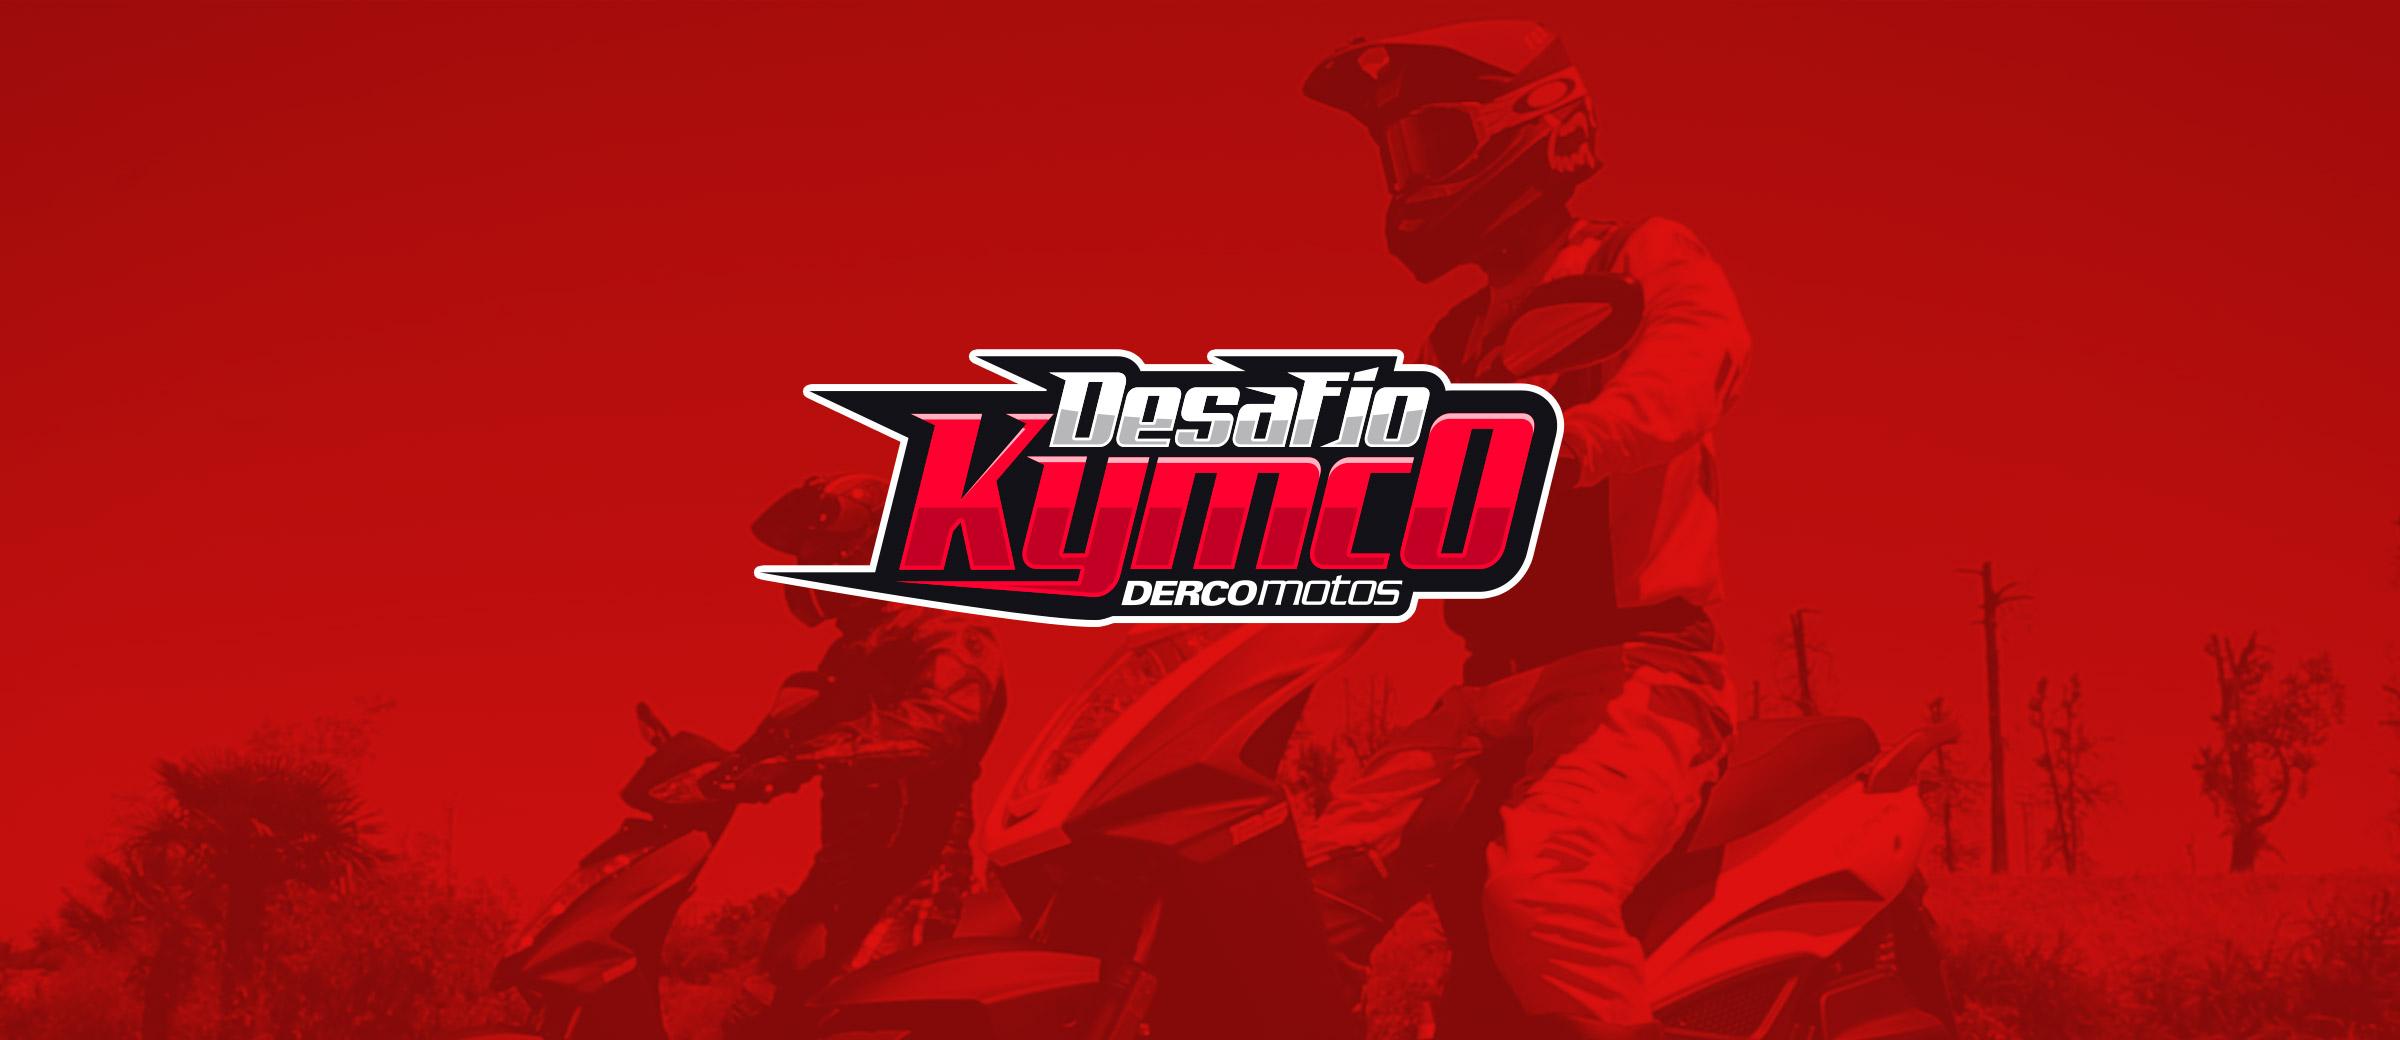 Desafío Kymco